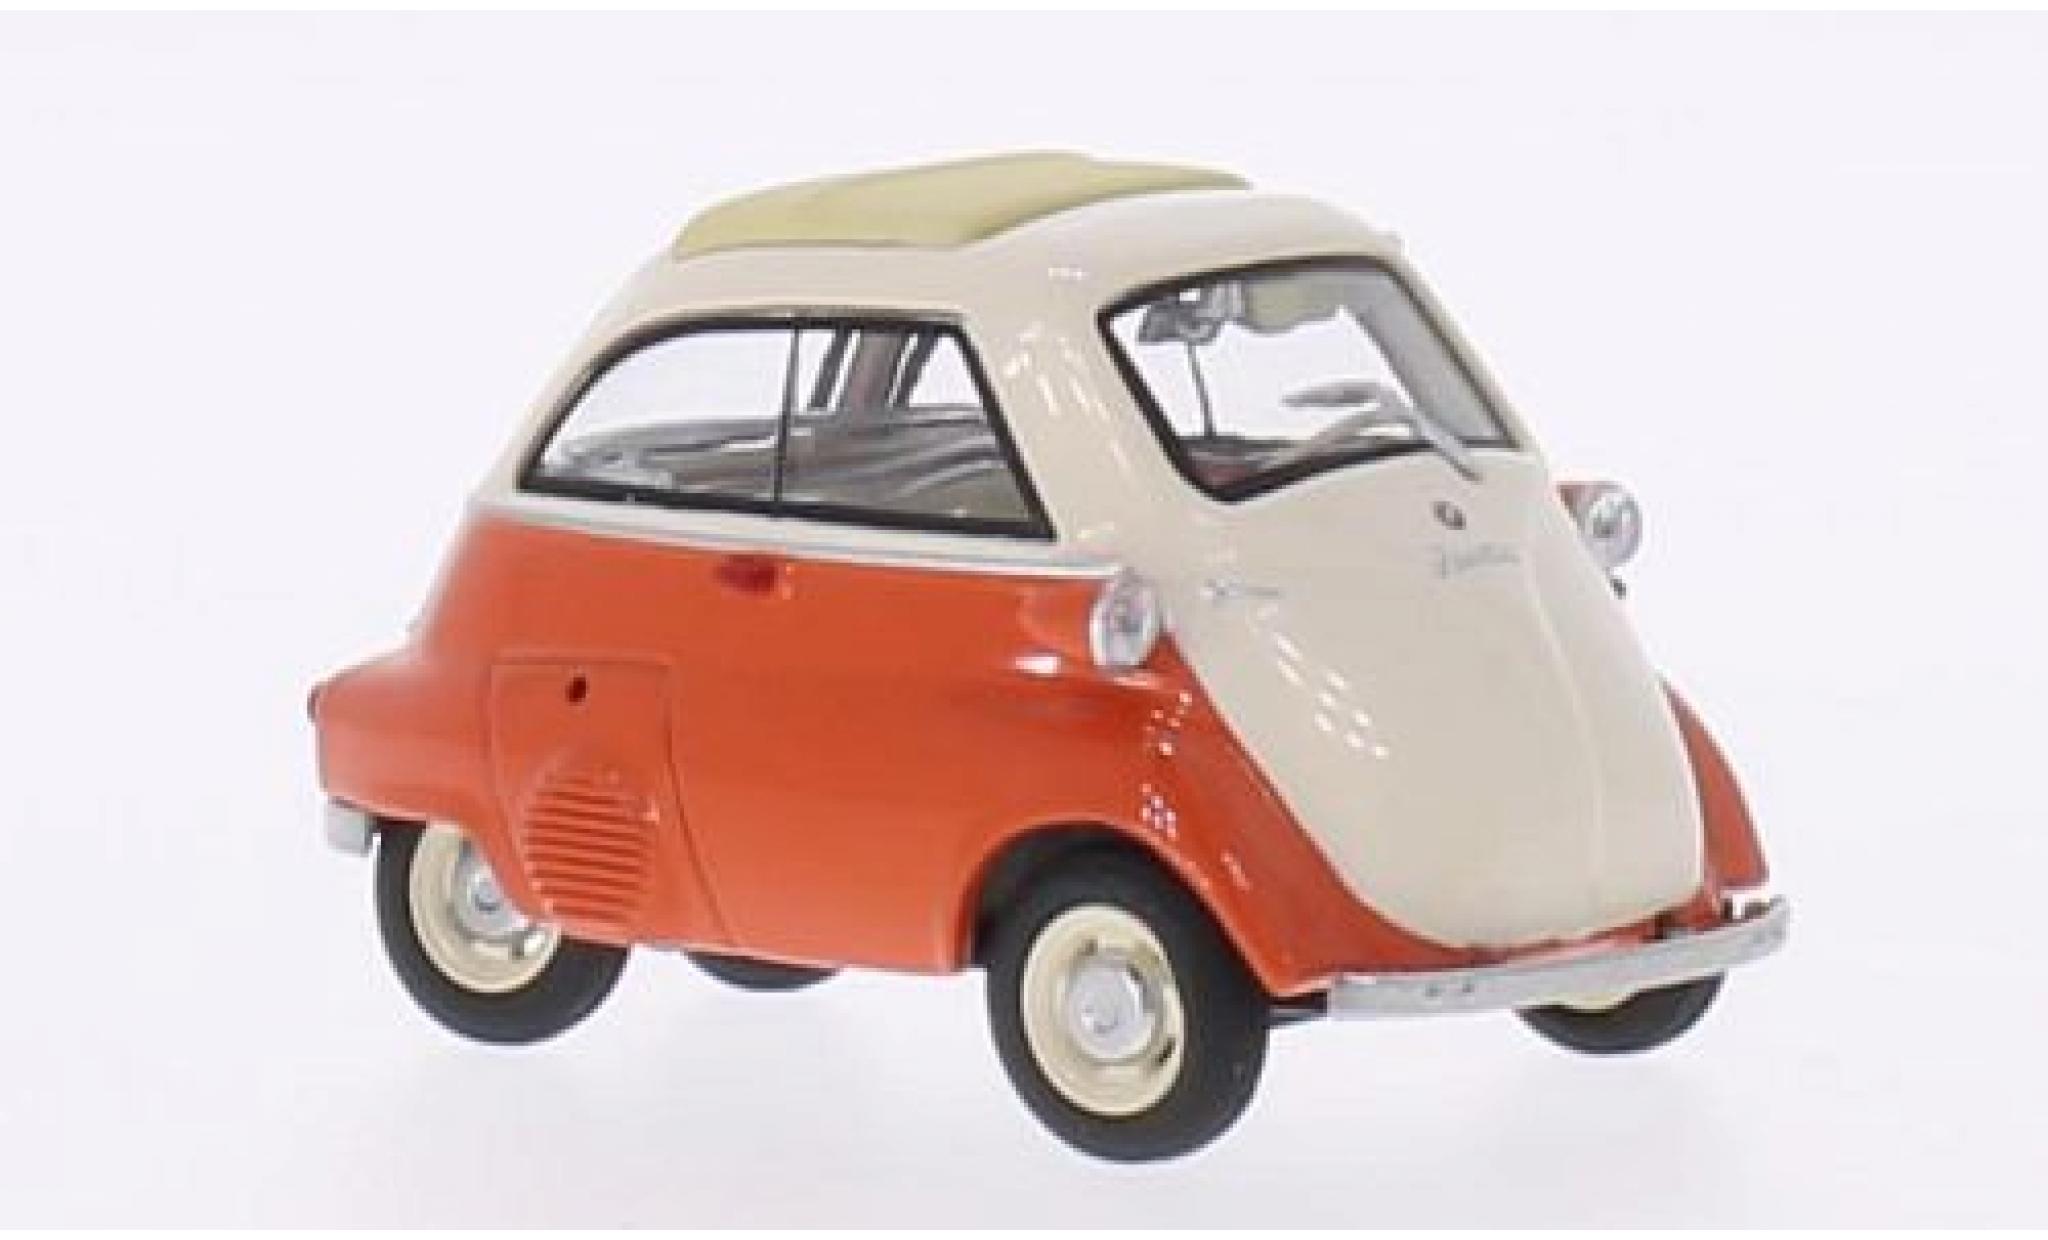 Bmw Isetta 1/43 Schuco orange/beige toit rabattable fermé